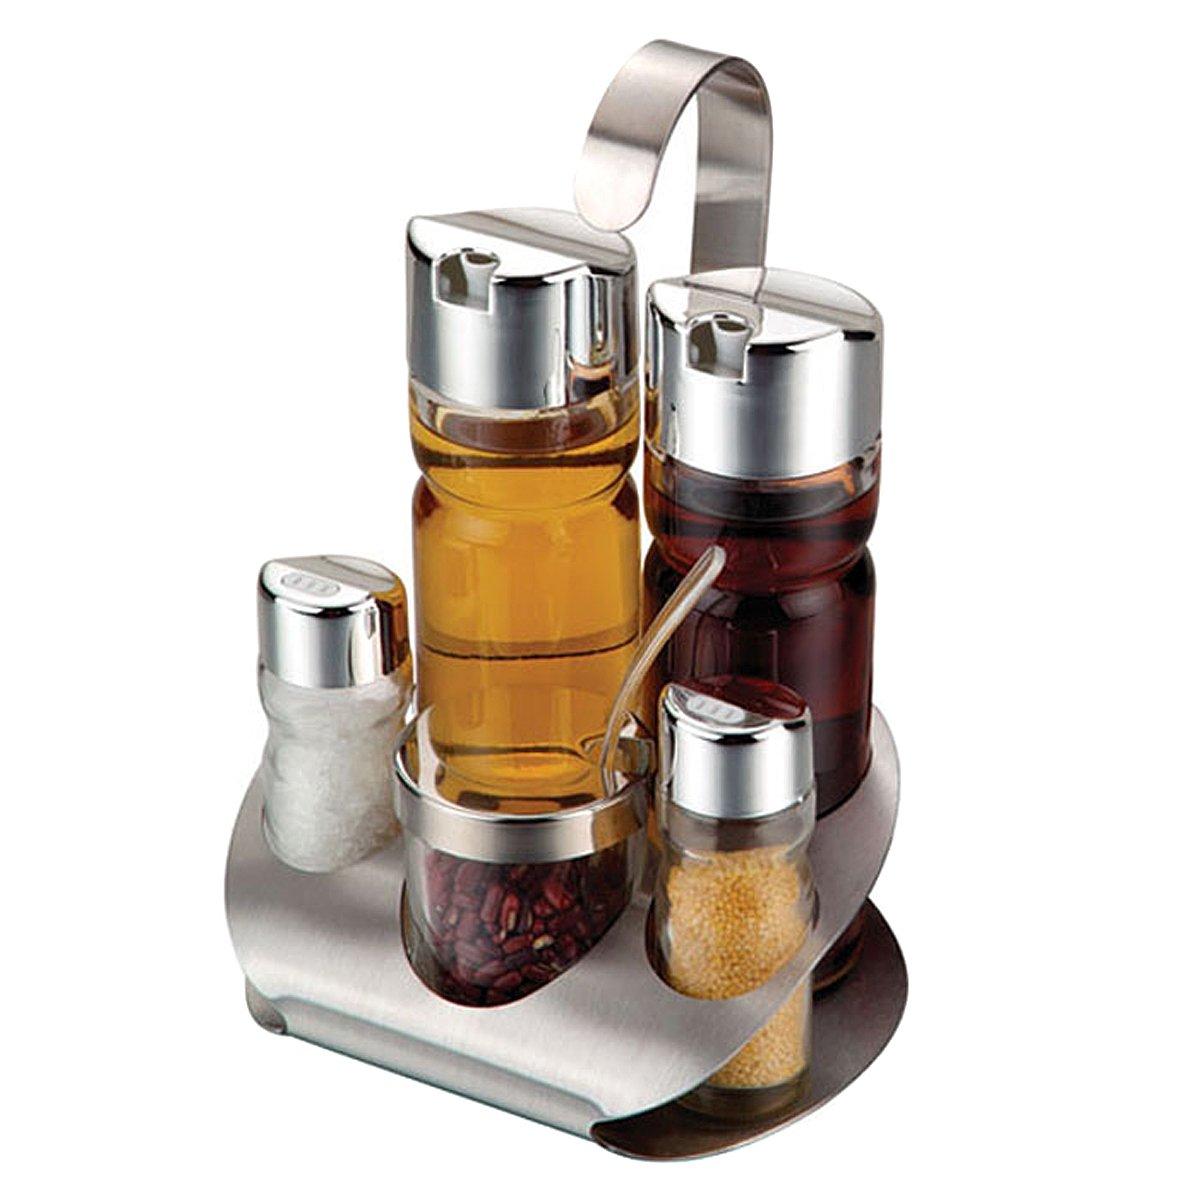 VDOMUS Glass Cruet Set with Stand Oil Vinegar Dispenser Salt and Pepper Shaker Bottles Serving Set Picnic Table Condiment Server Holder, 5 piece VMHKSR0098FP